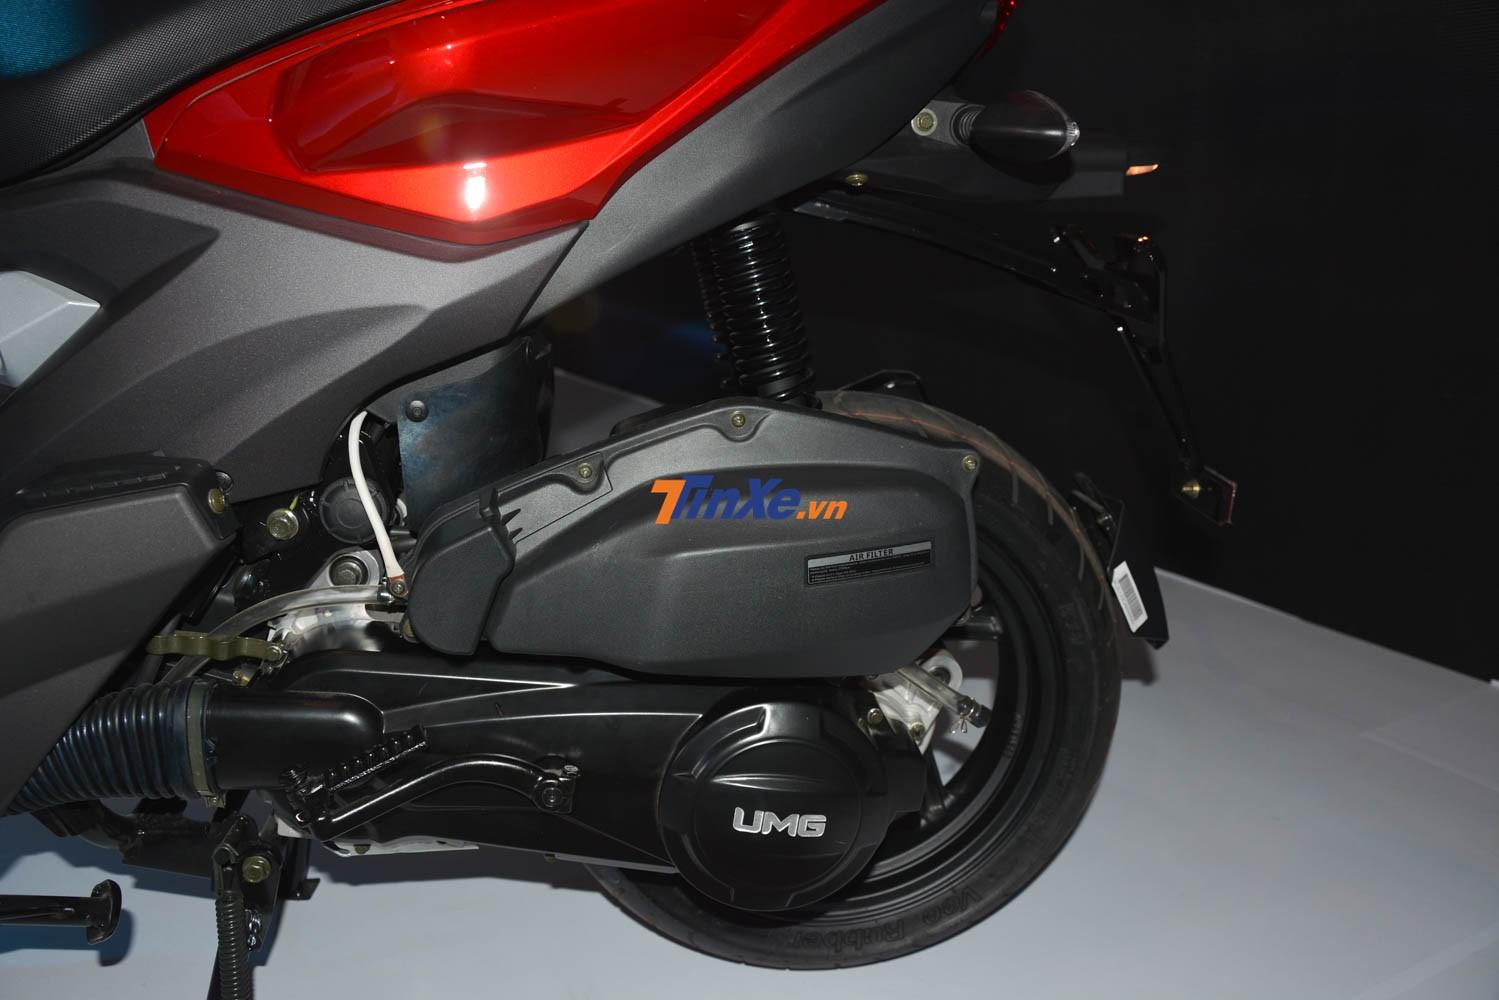 UMG Motor Damon 125cc sử dụng loại động cơ 125 phân khối, xy-lanh đơn có công suất và mô-men xoắn cực đại yếu hơn Honda Air Blade 125 cc